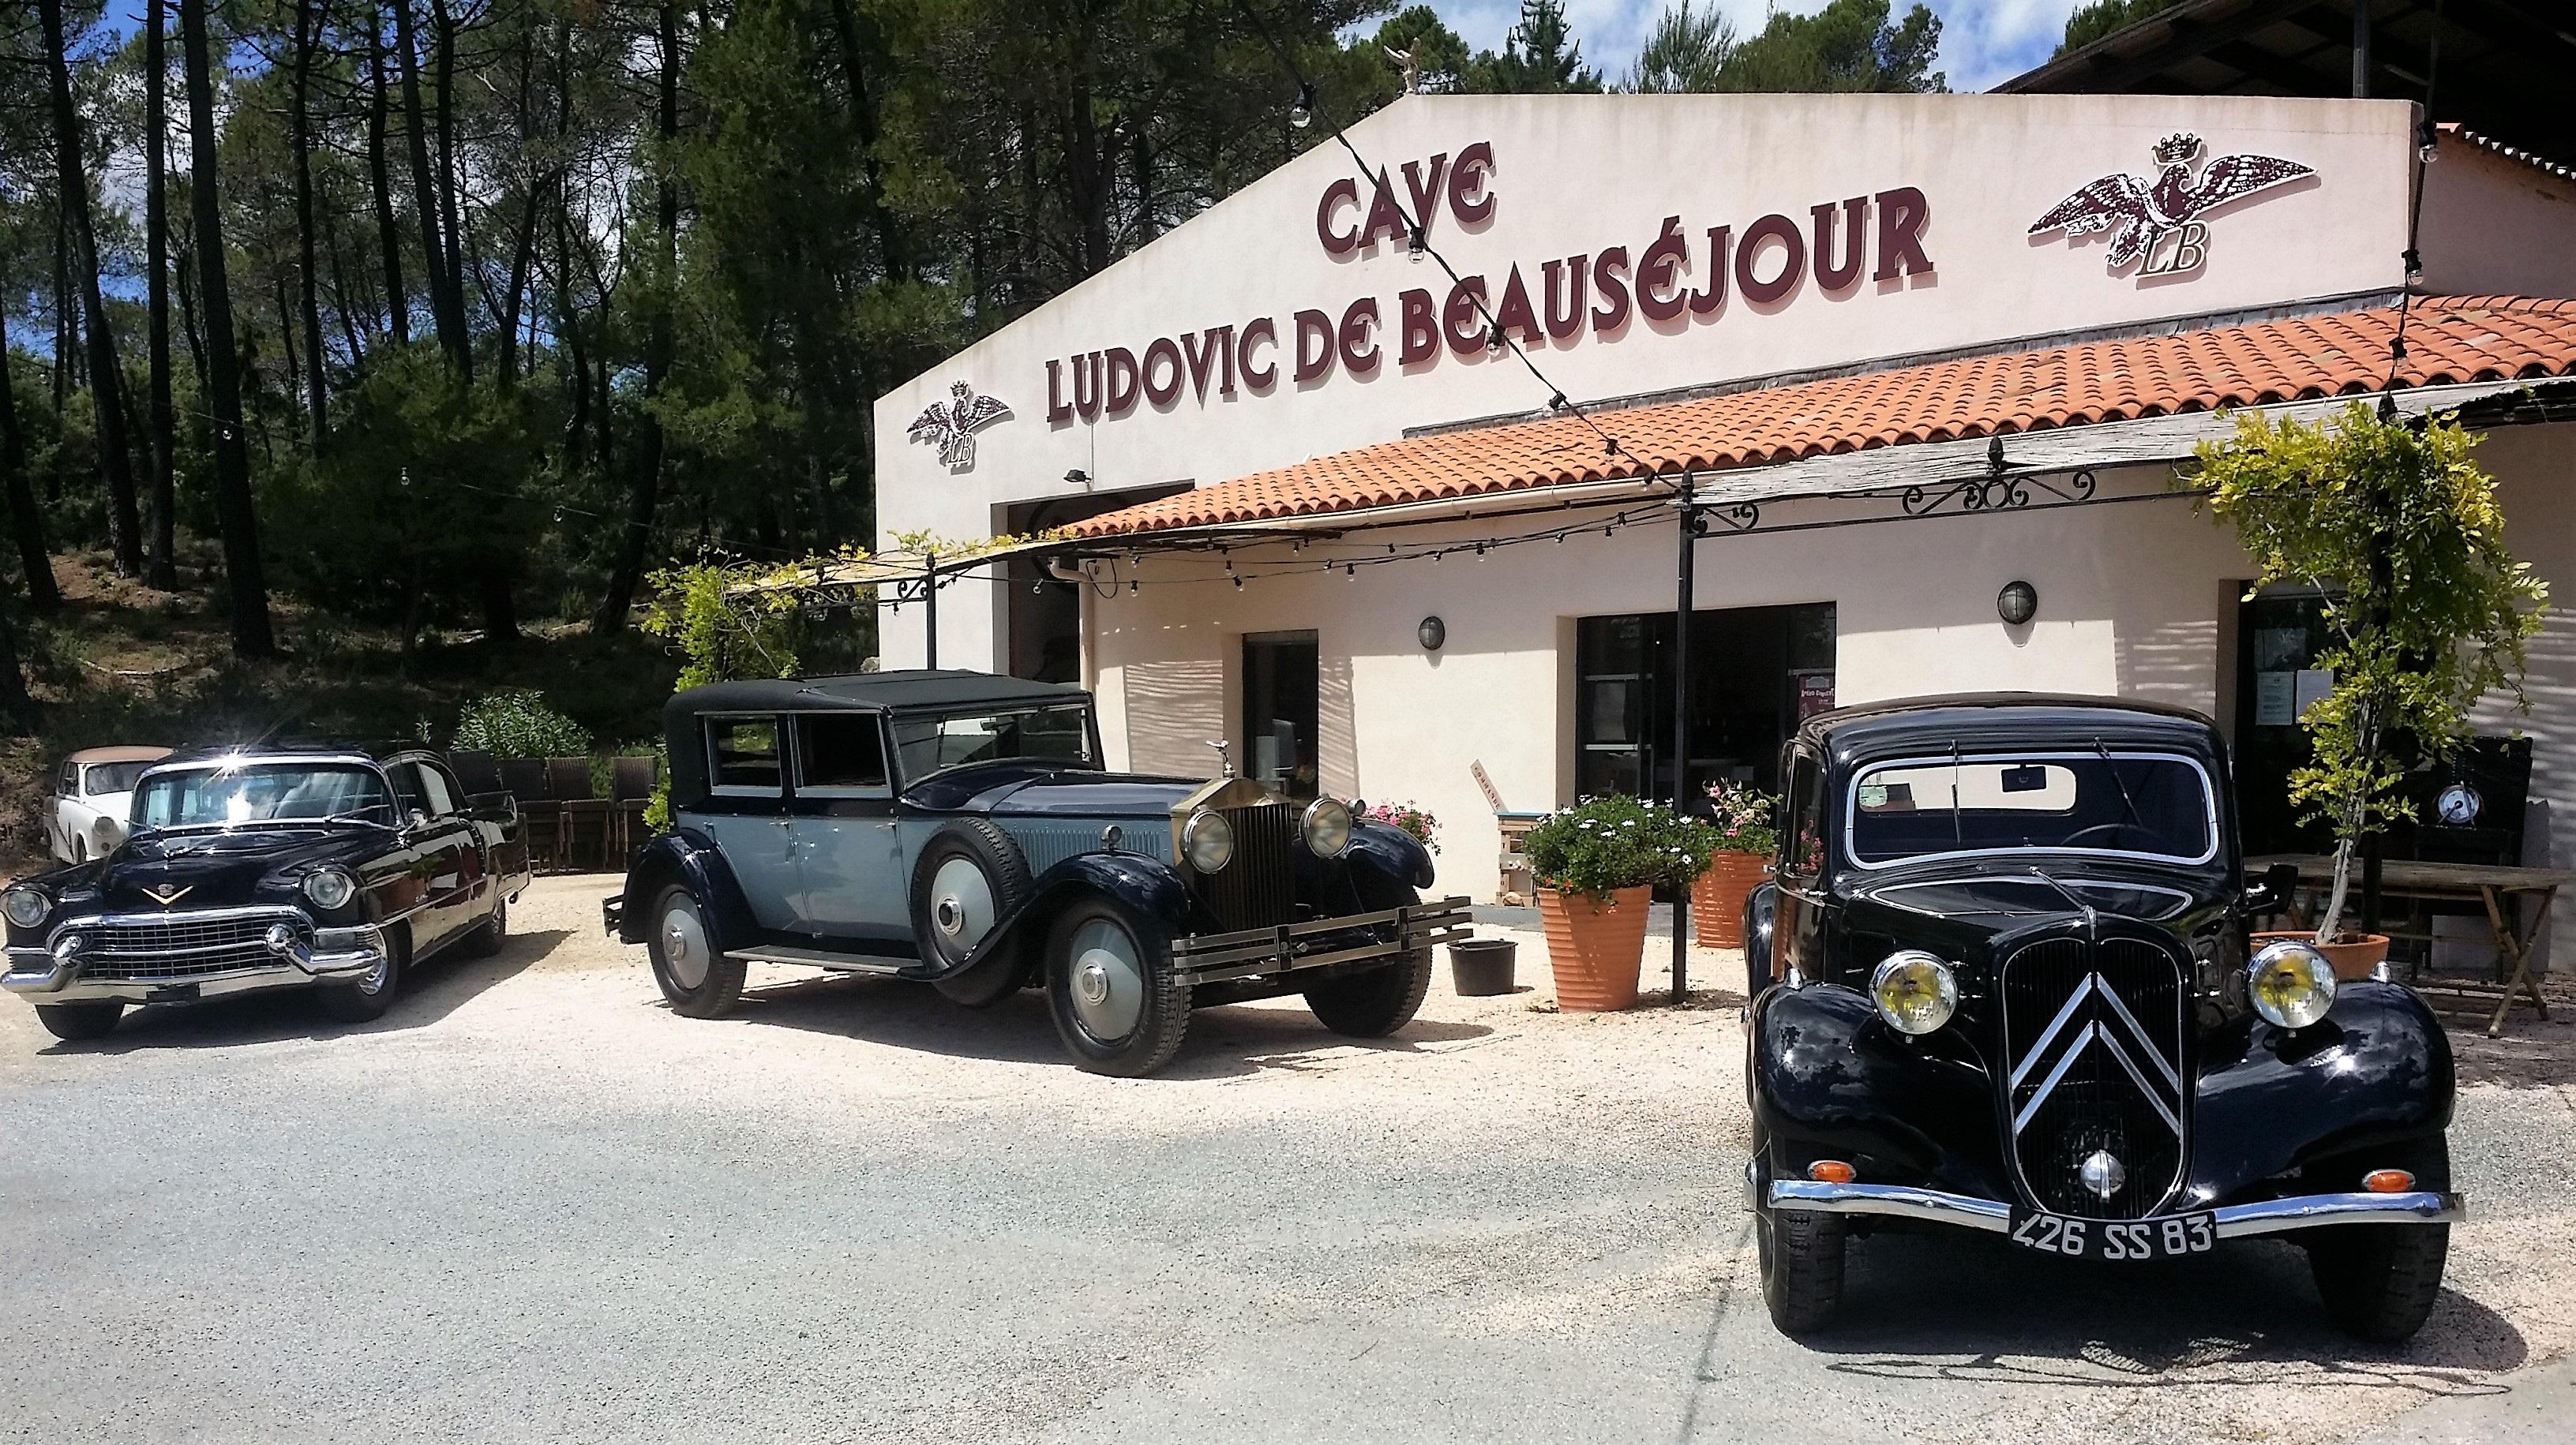 Cave Ludovic de Beauséjour